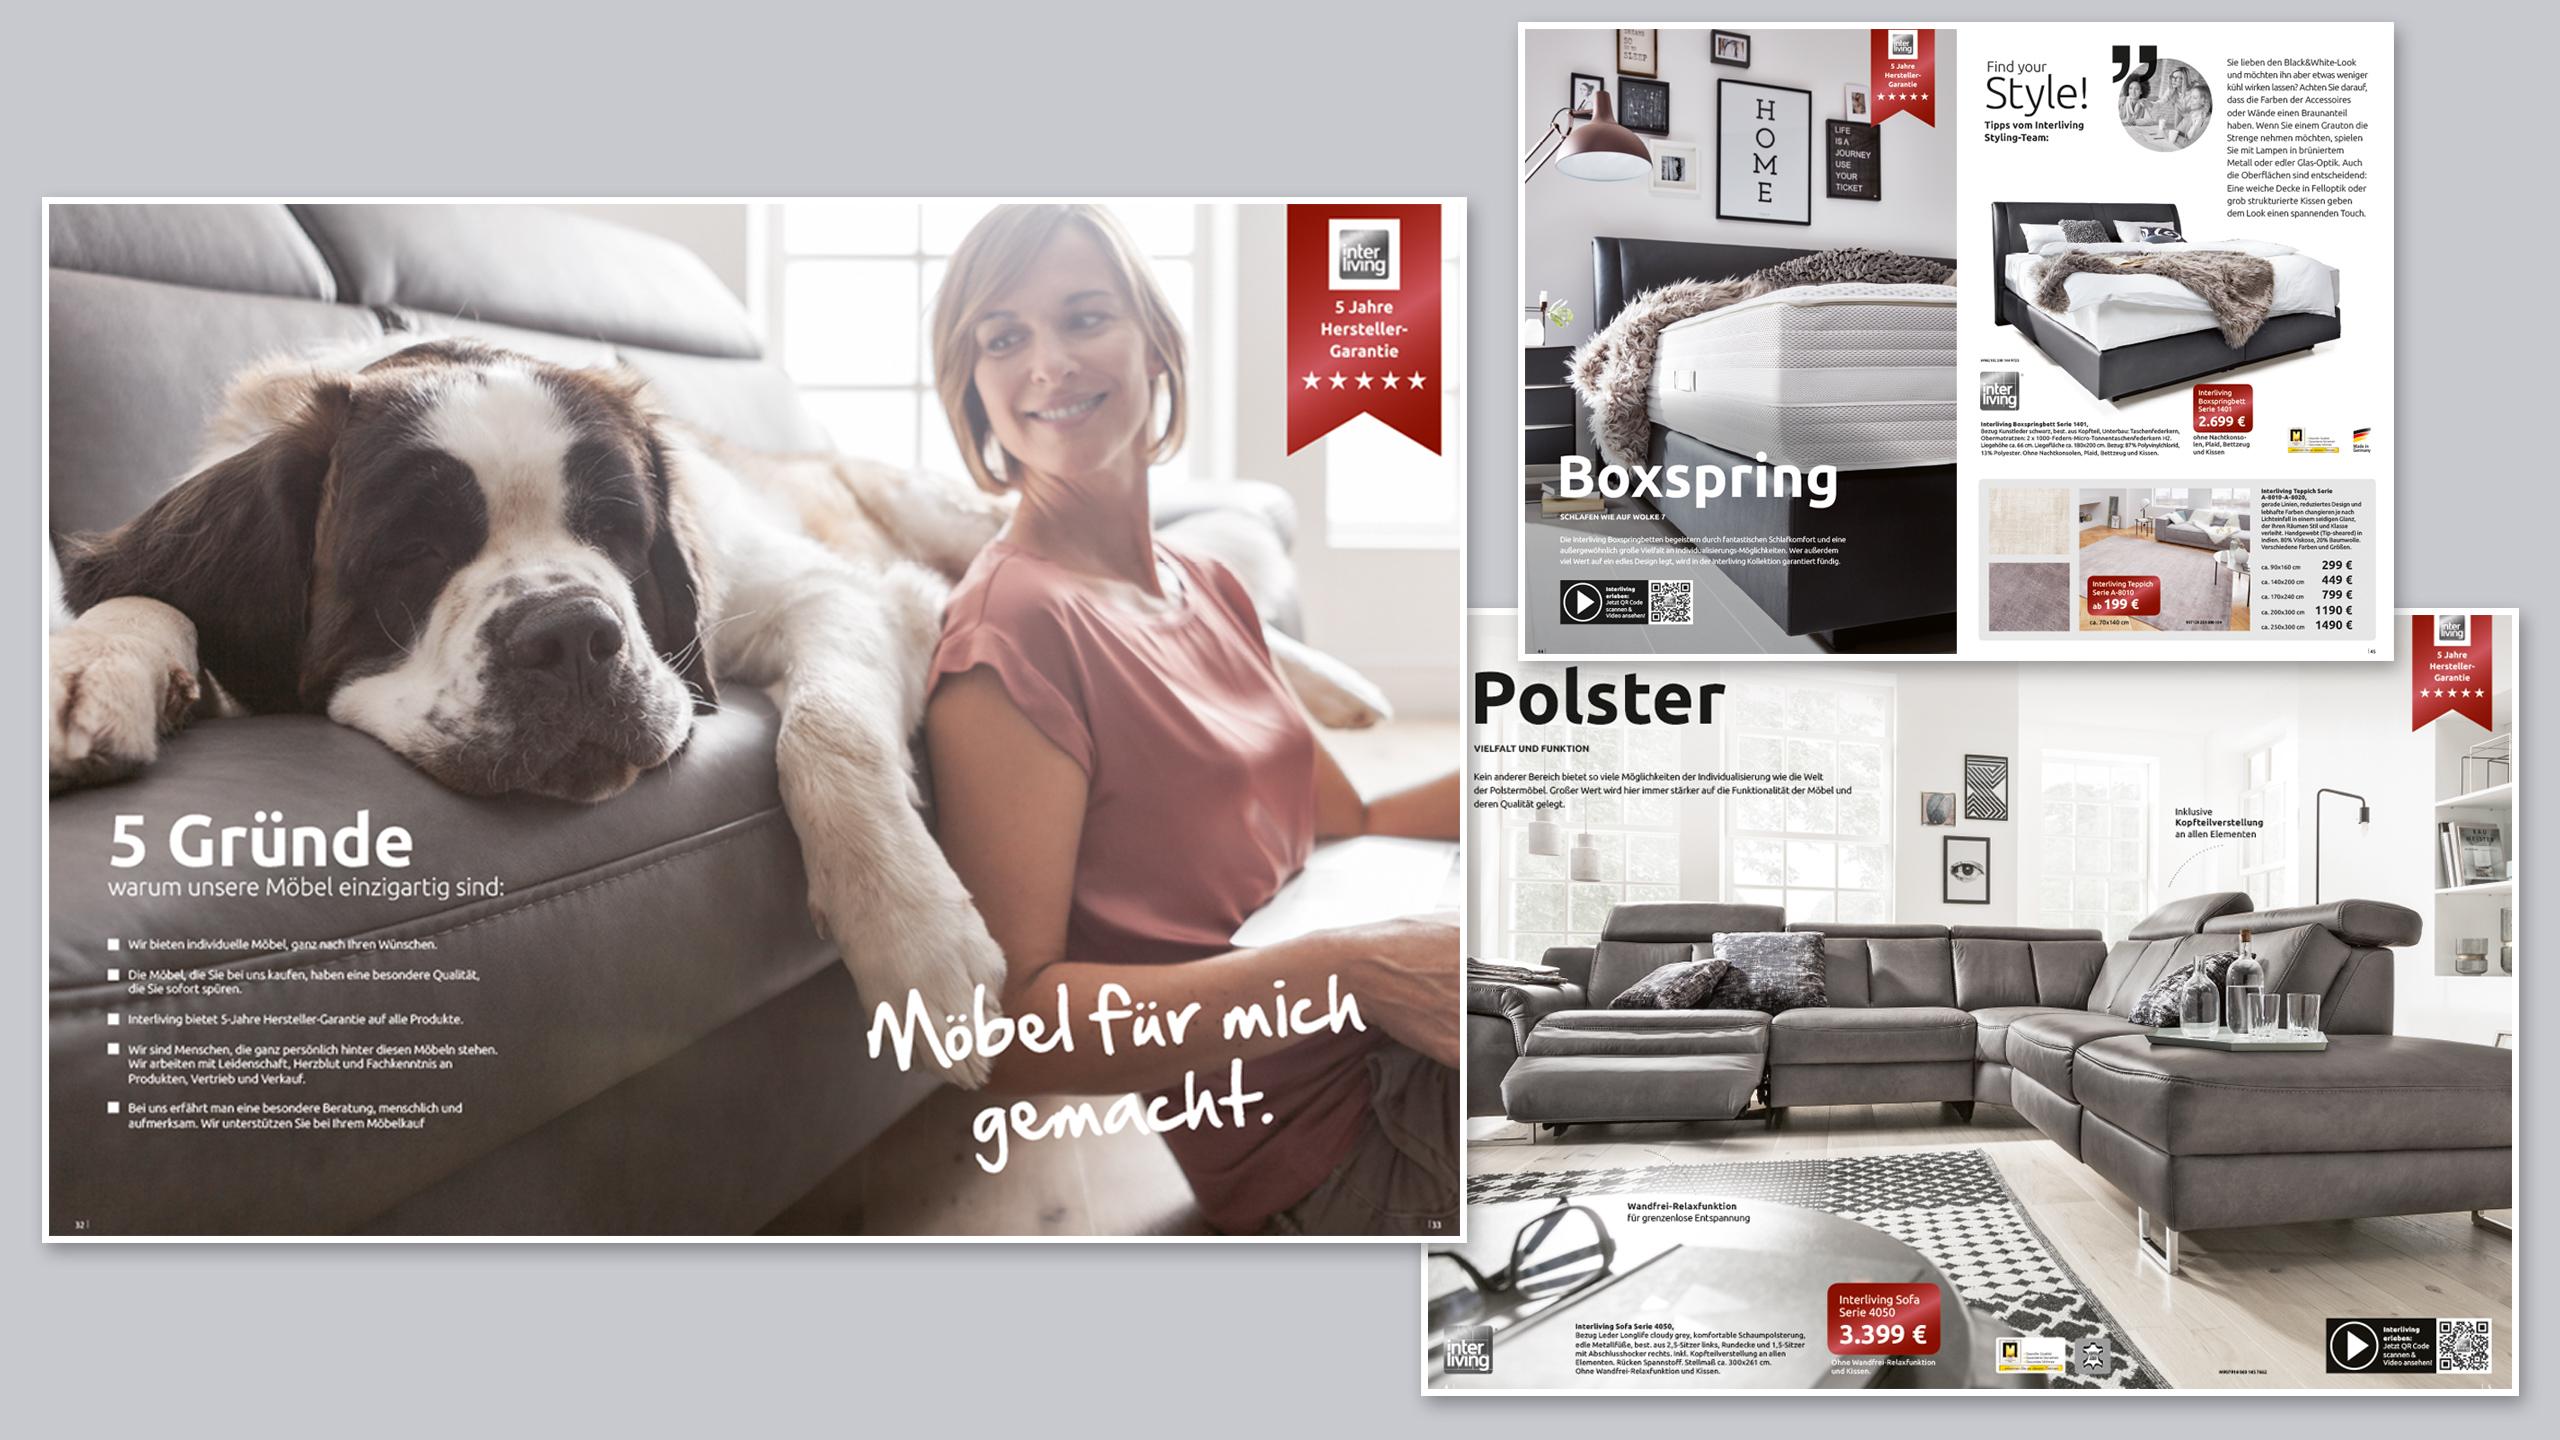 Interliving Katalog -5-Gruende-Moebel-fuer-mich-gemacht